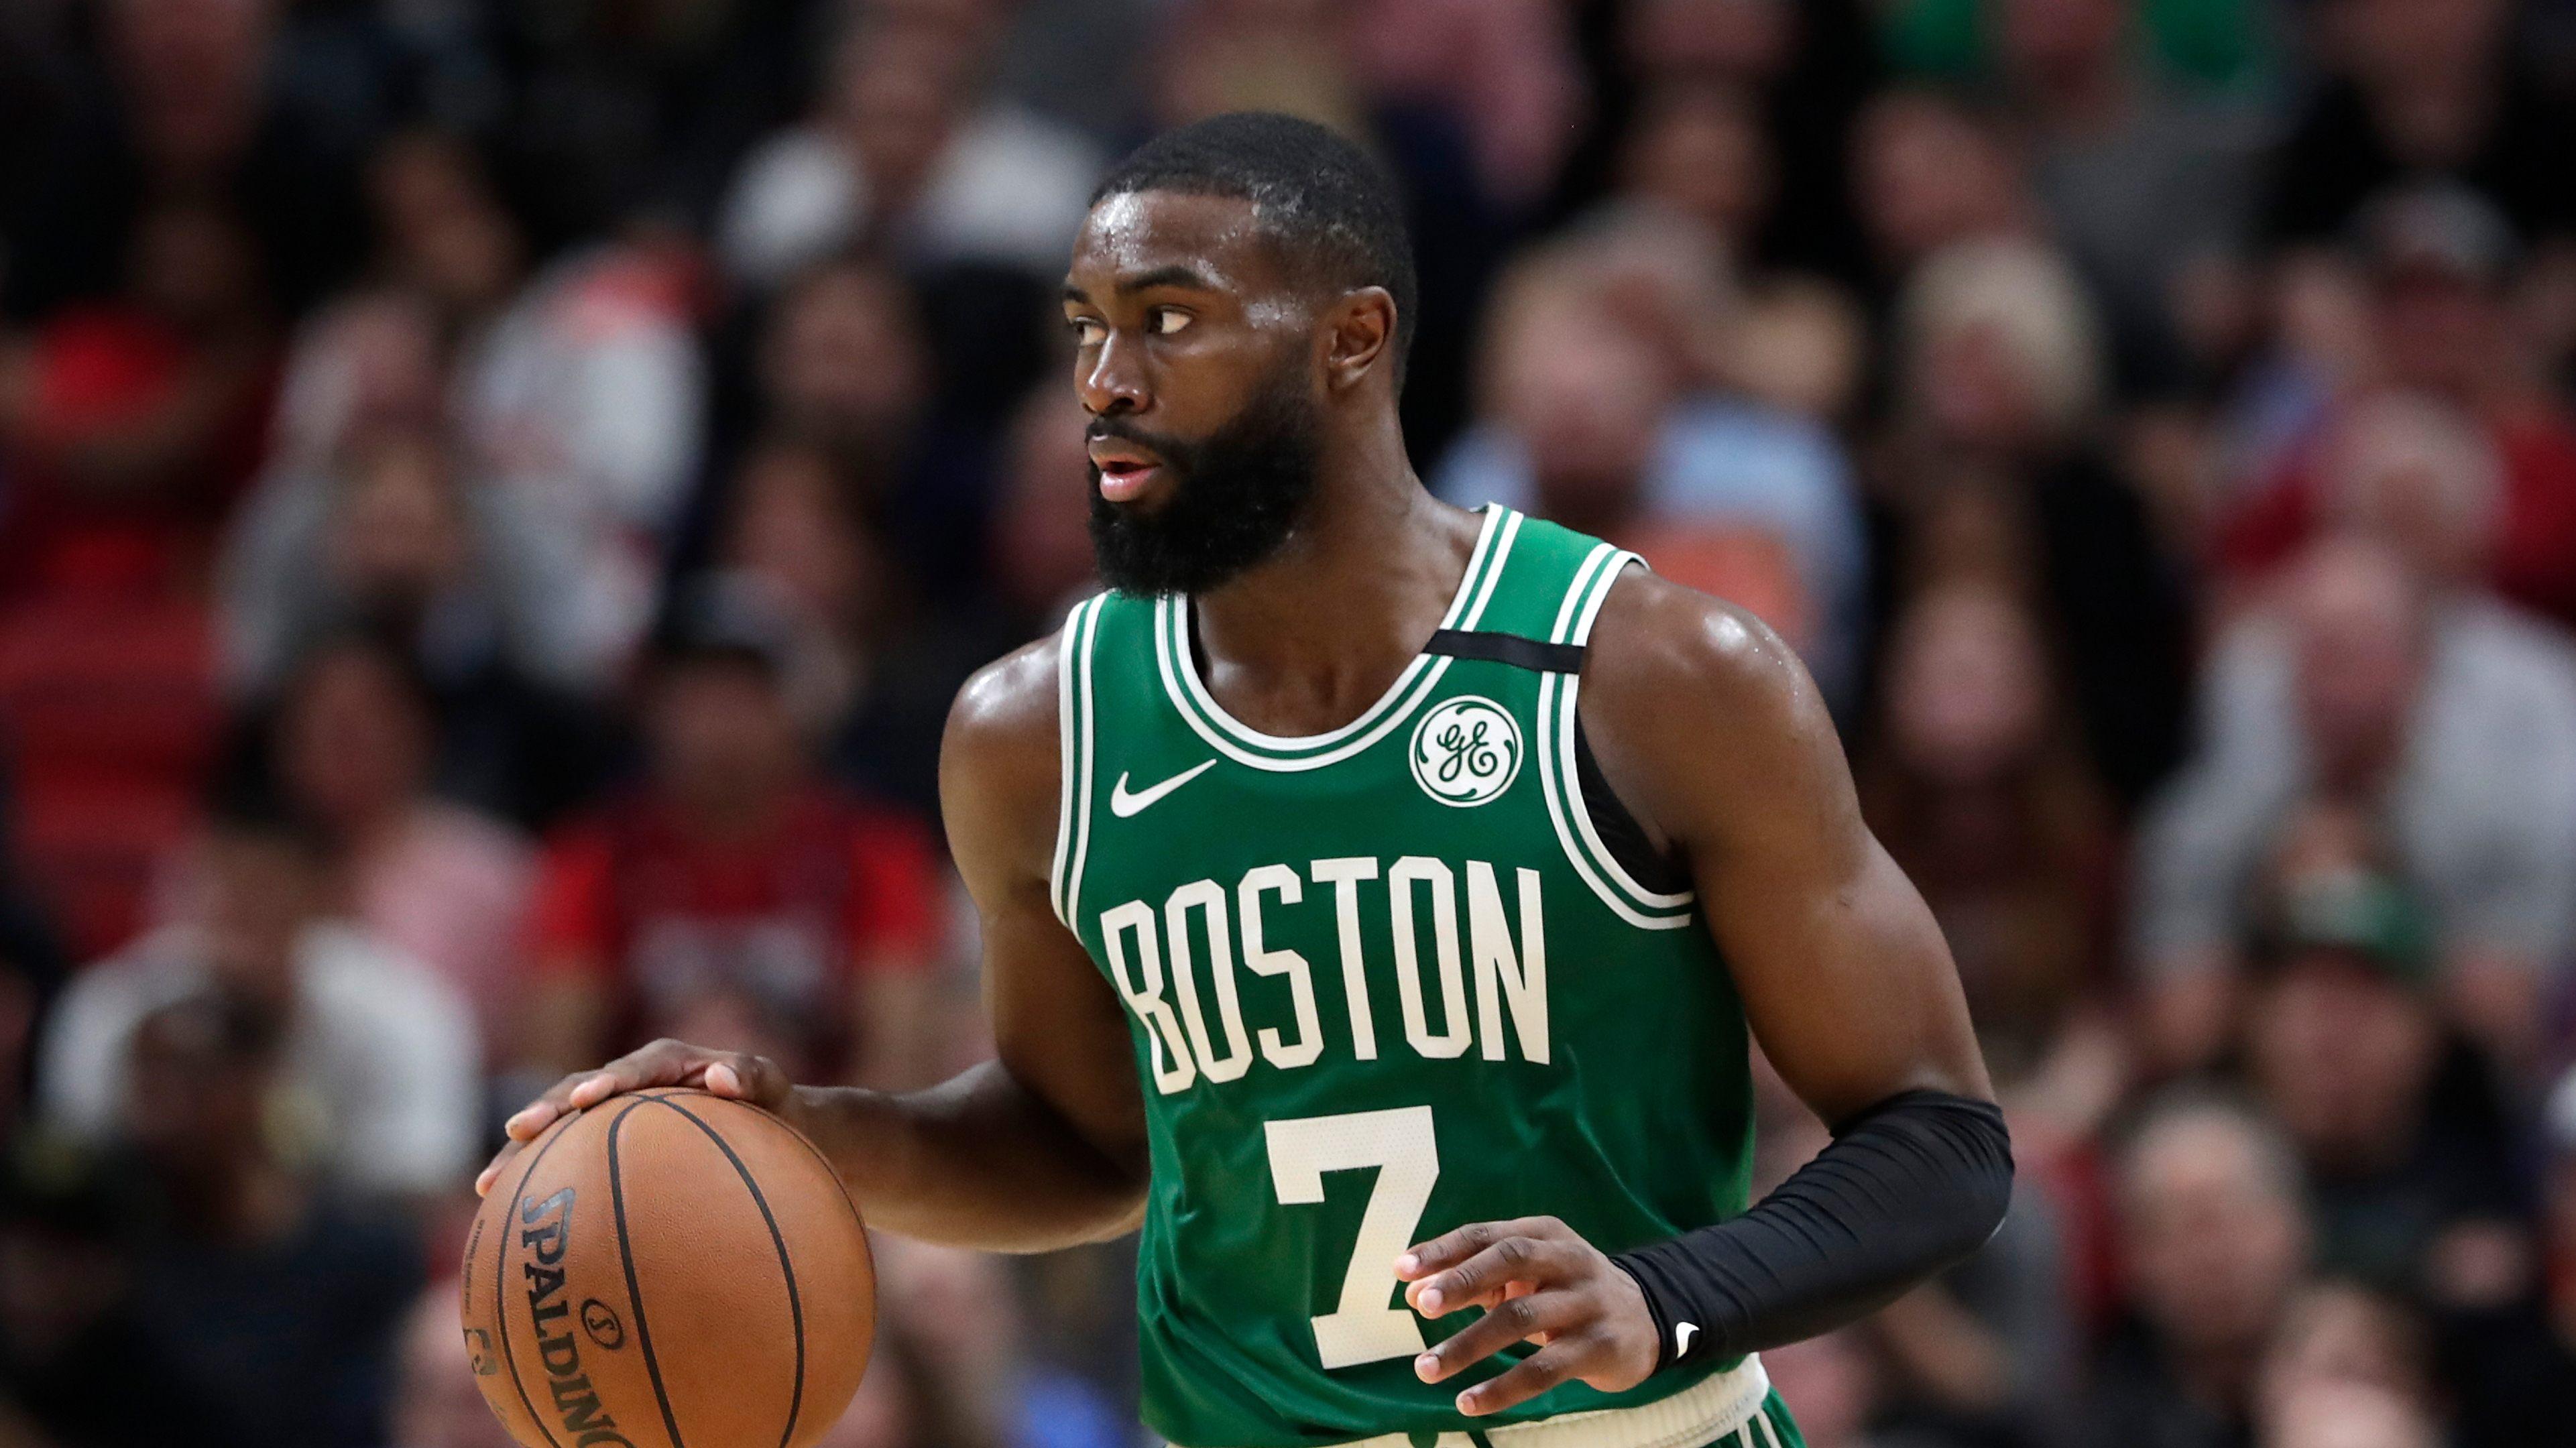 Cedera pergelangan tangan Jaylem Brown Celtics Boston